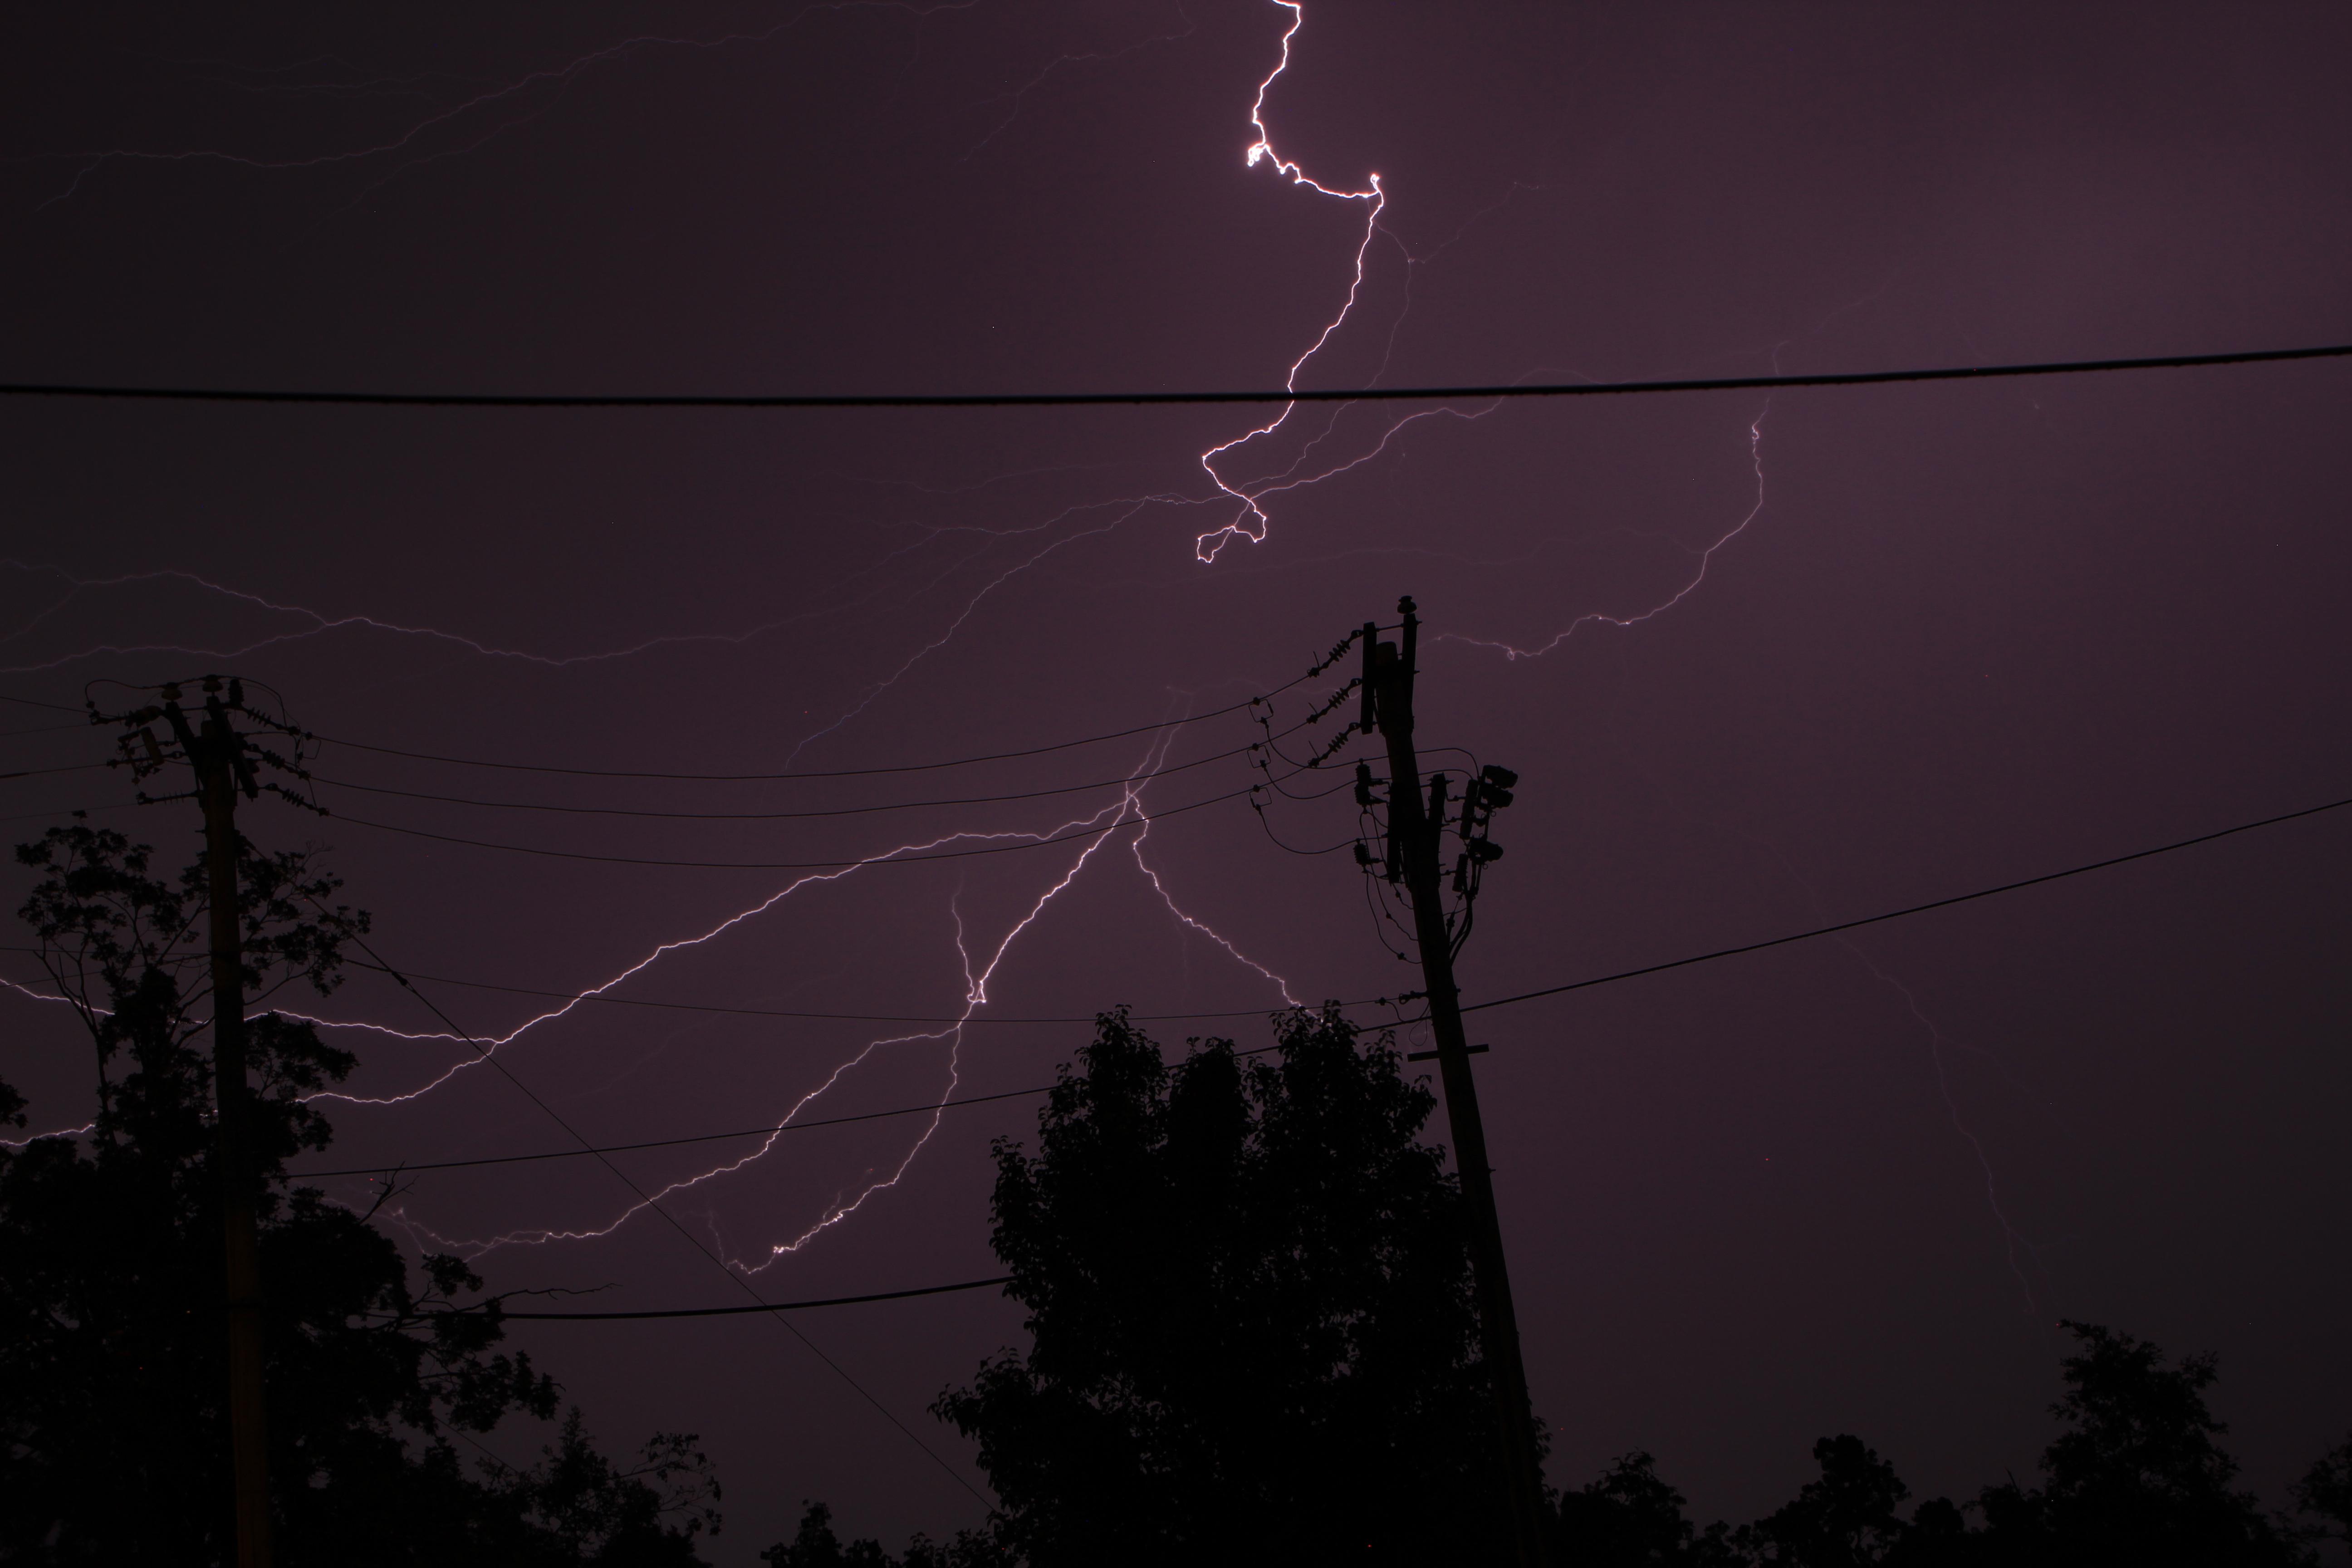 Lightning - Steve Huckriede